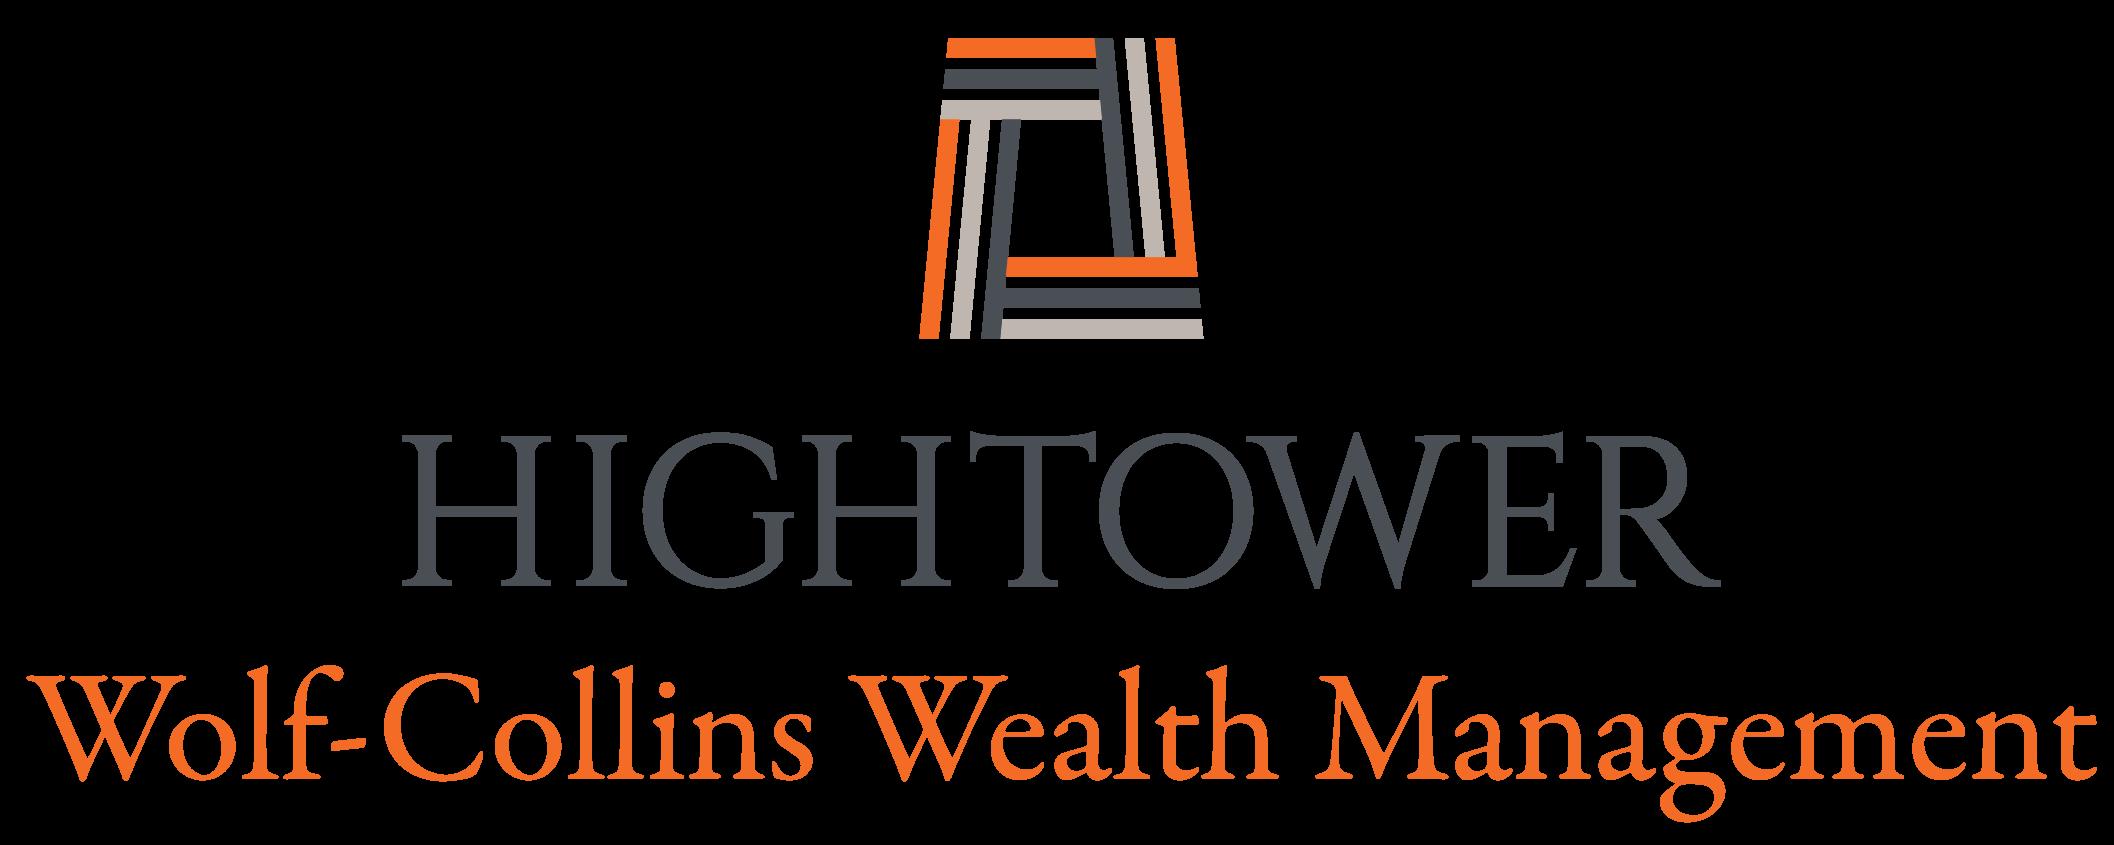 Wolf-Collins Wealth Management Logo